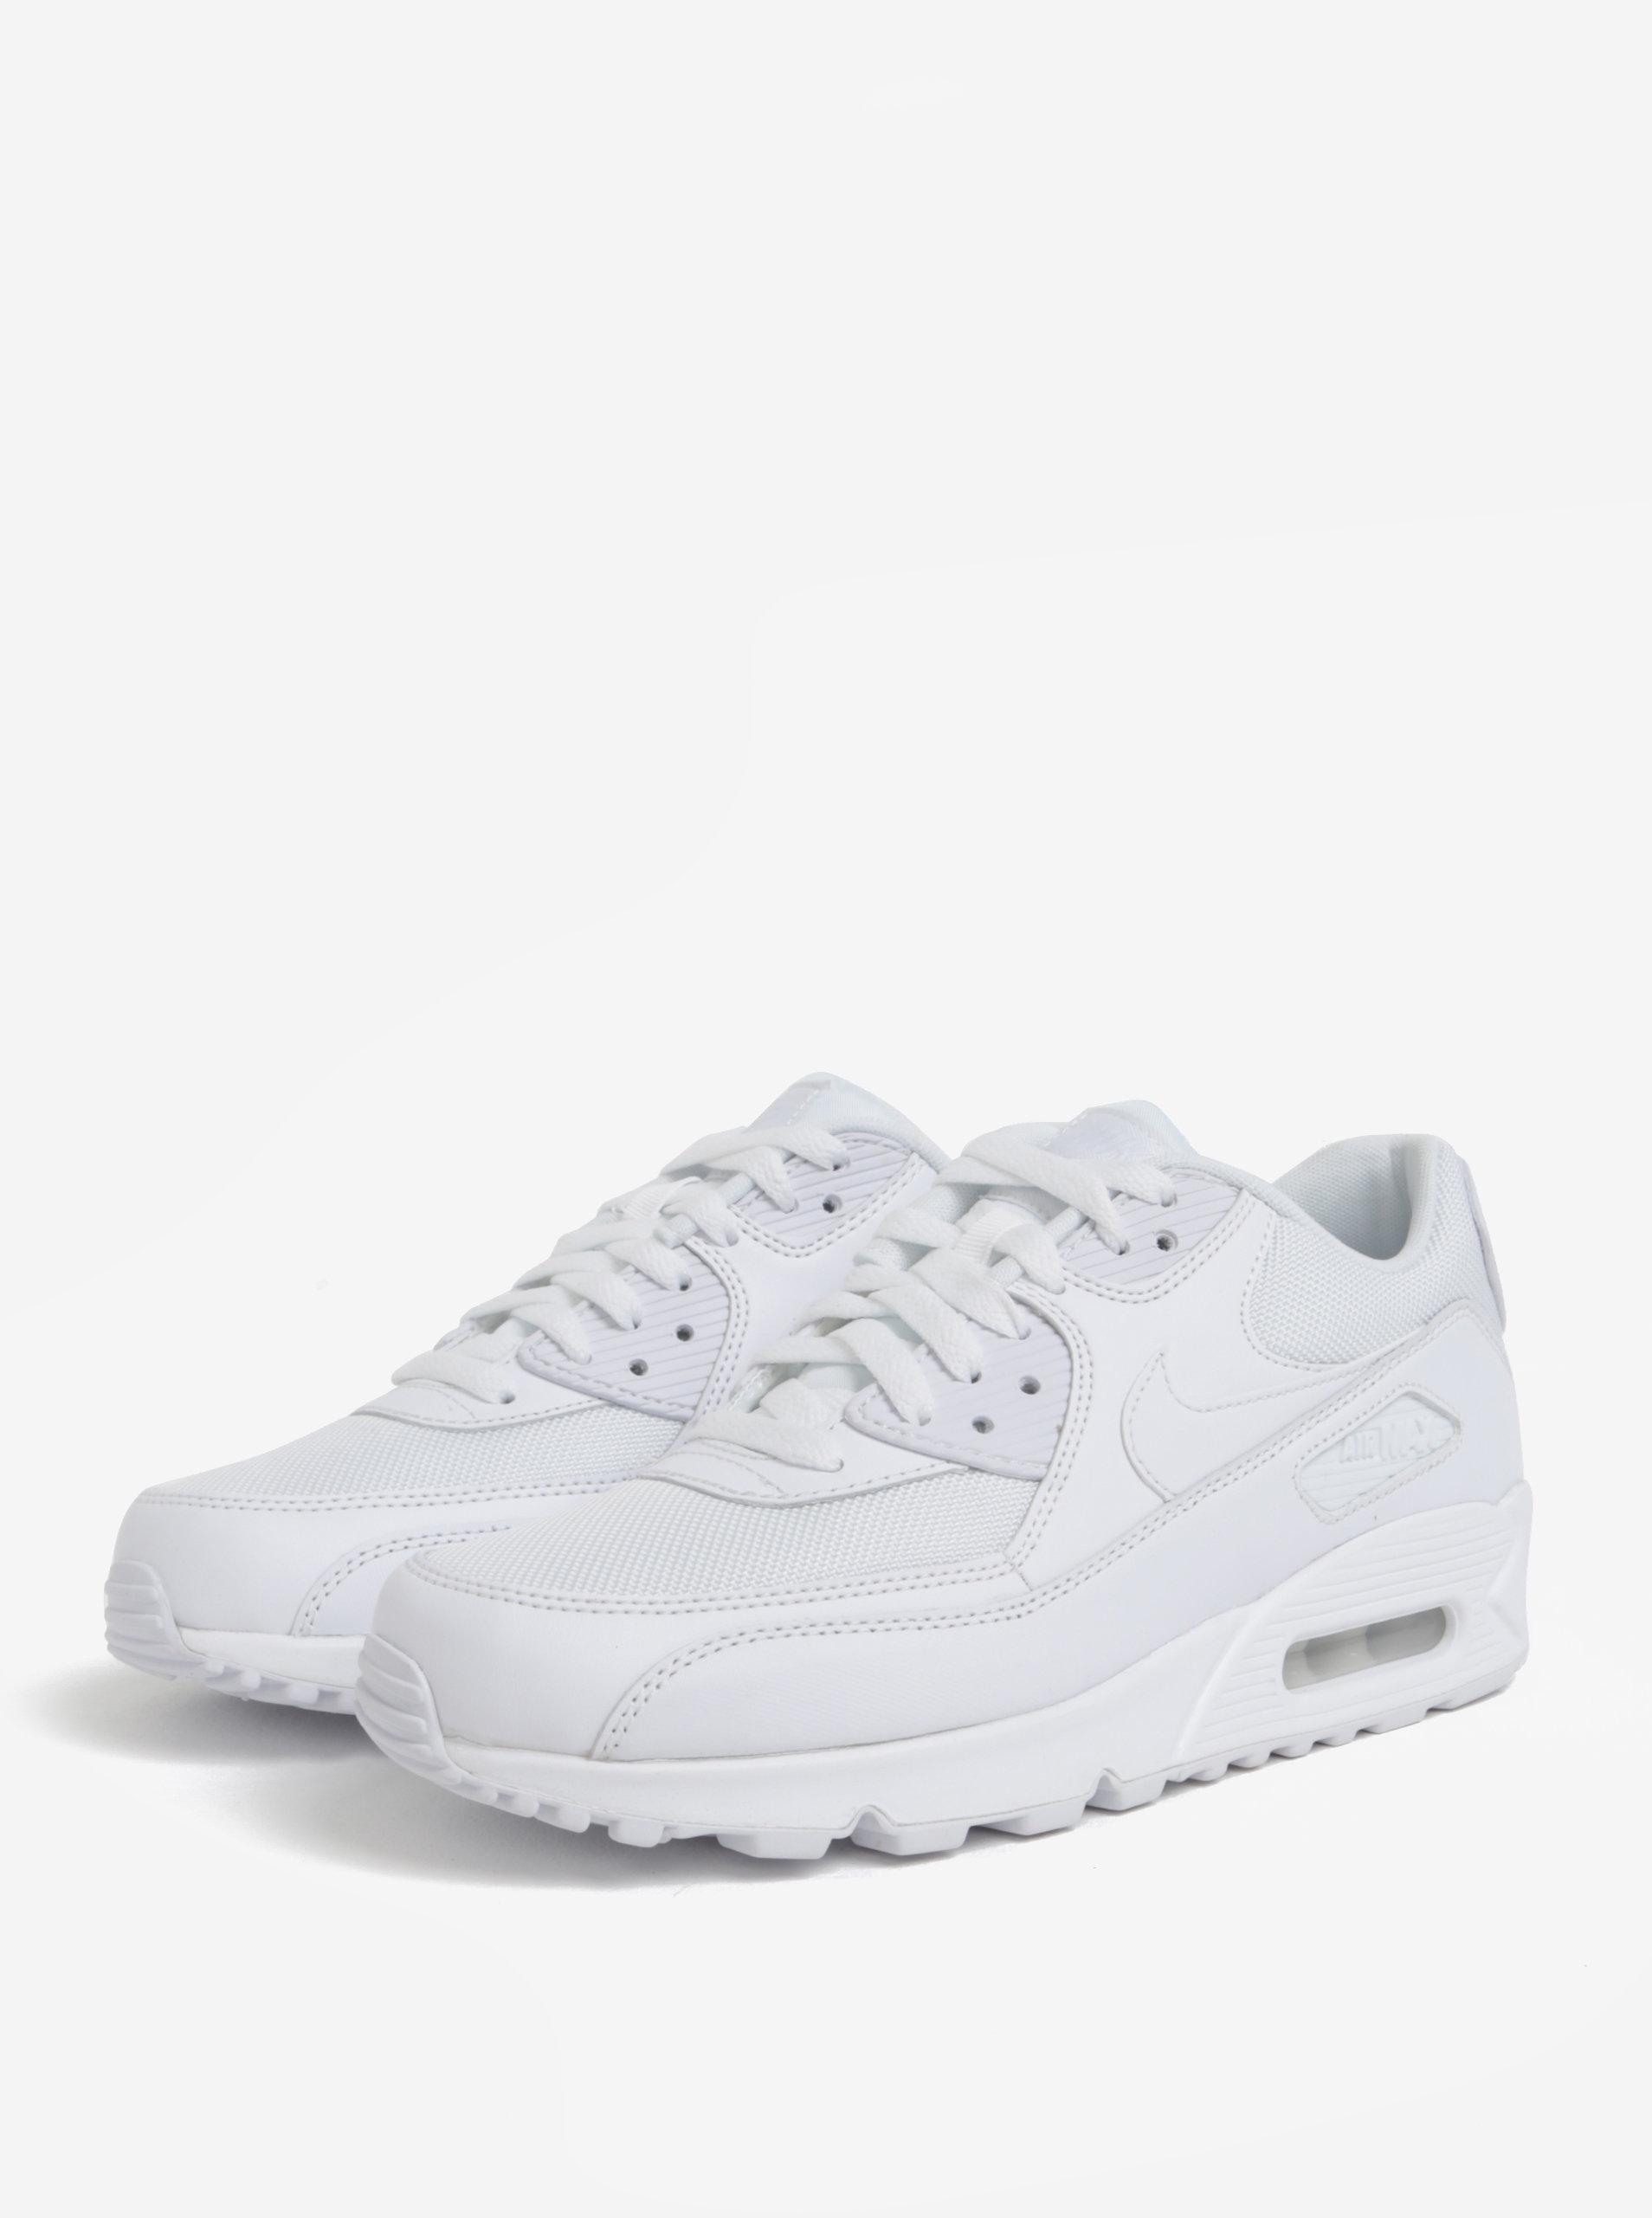 Biele pánske kožené tenisky Nike Air Max  90 Essential ... 9d635ebfe3